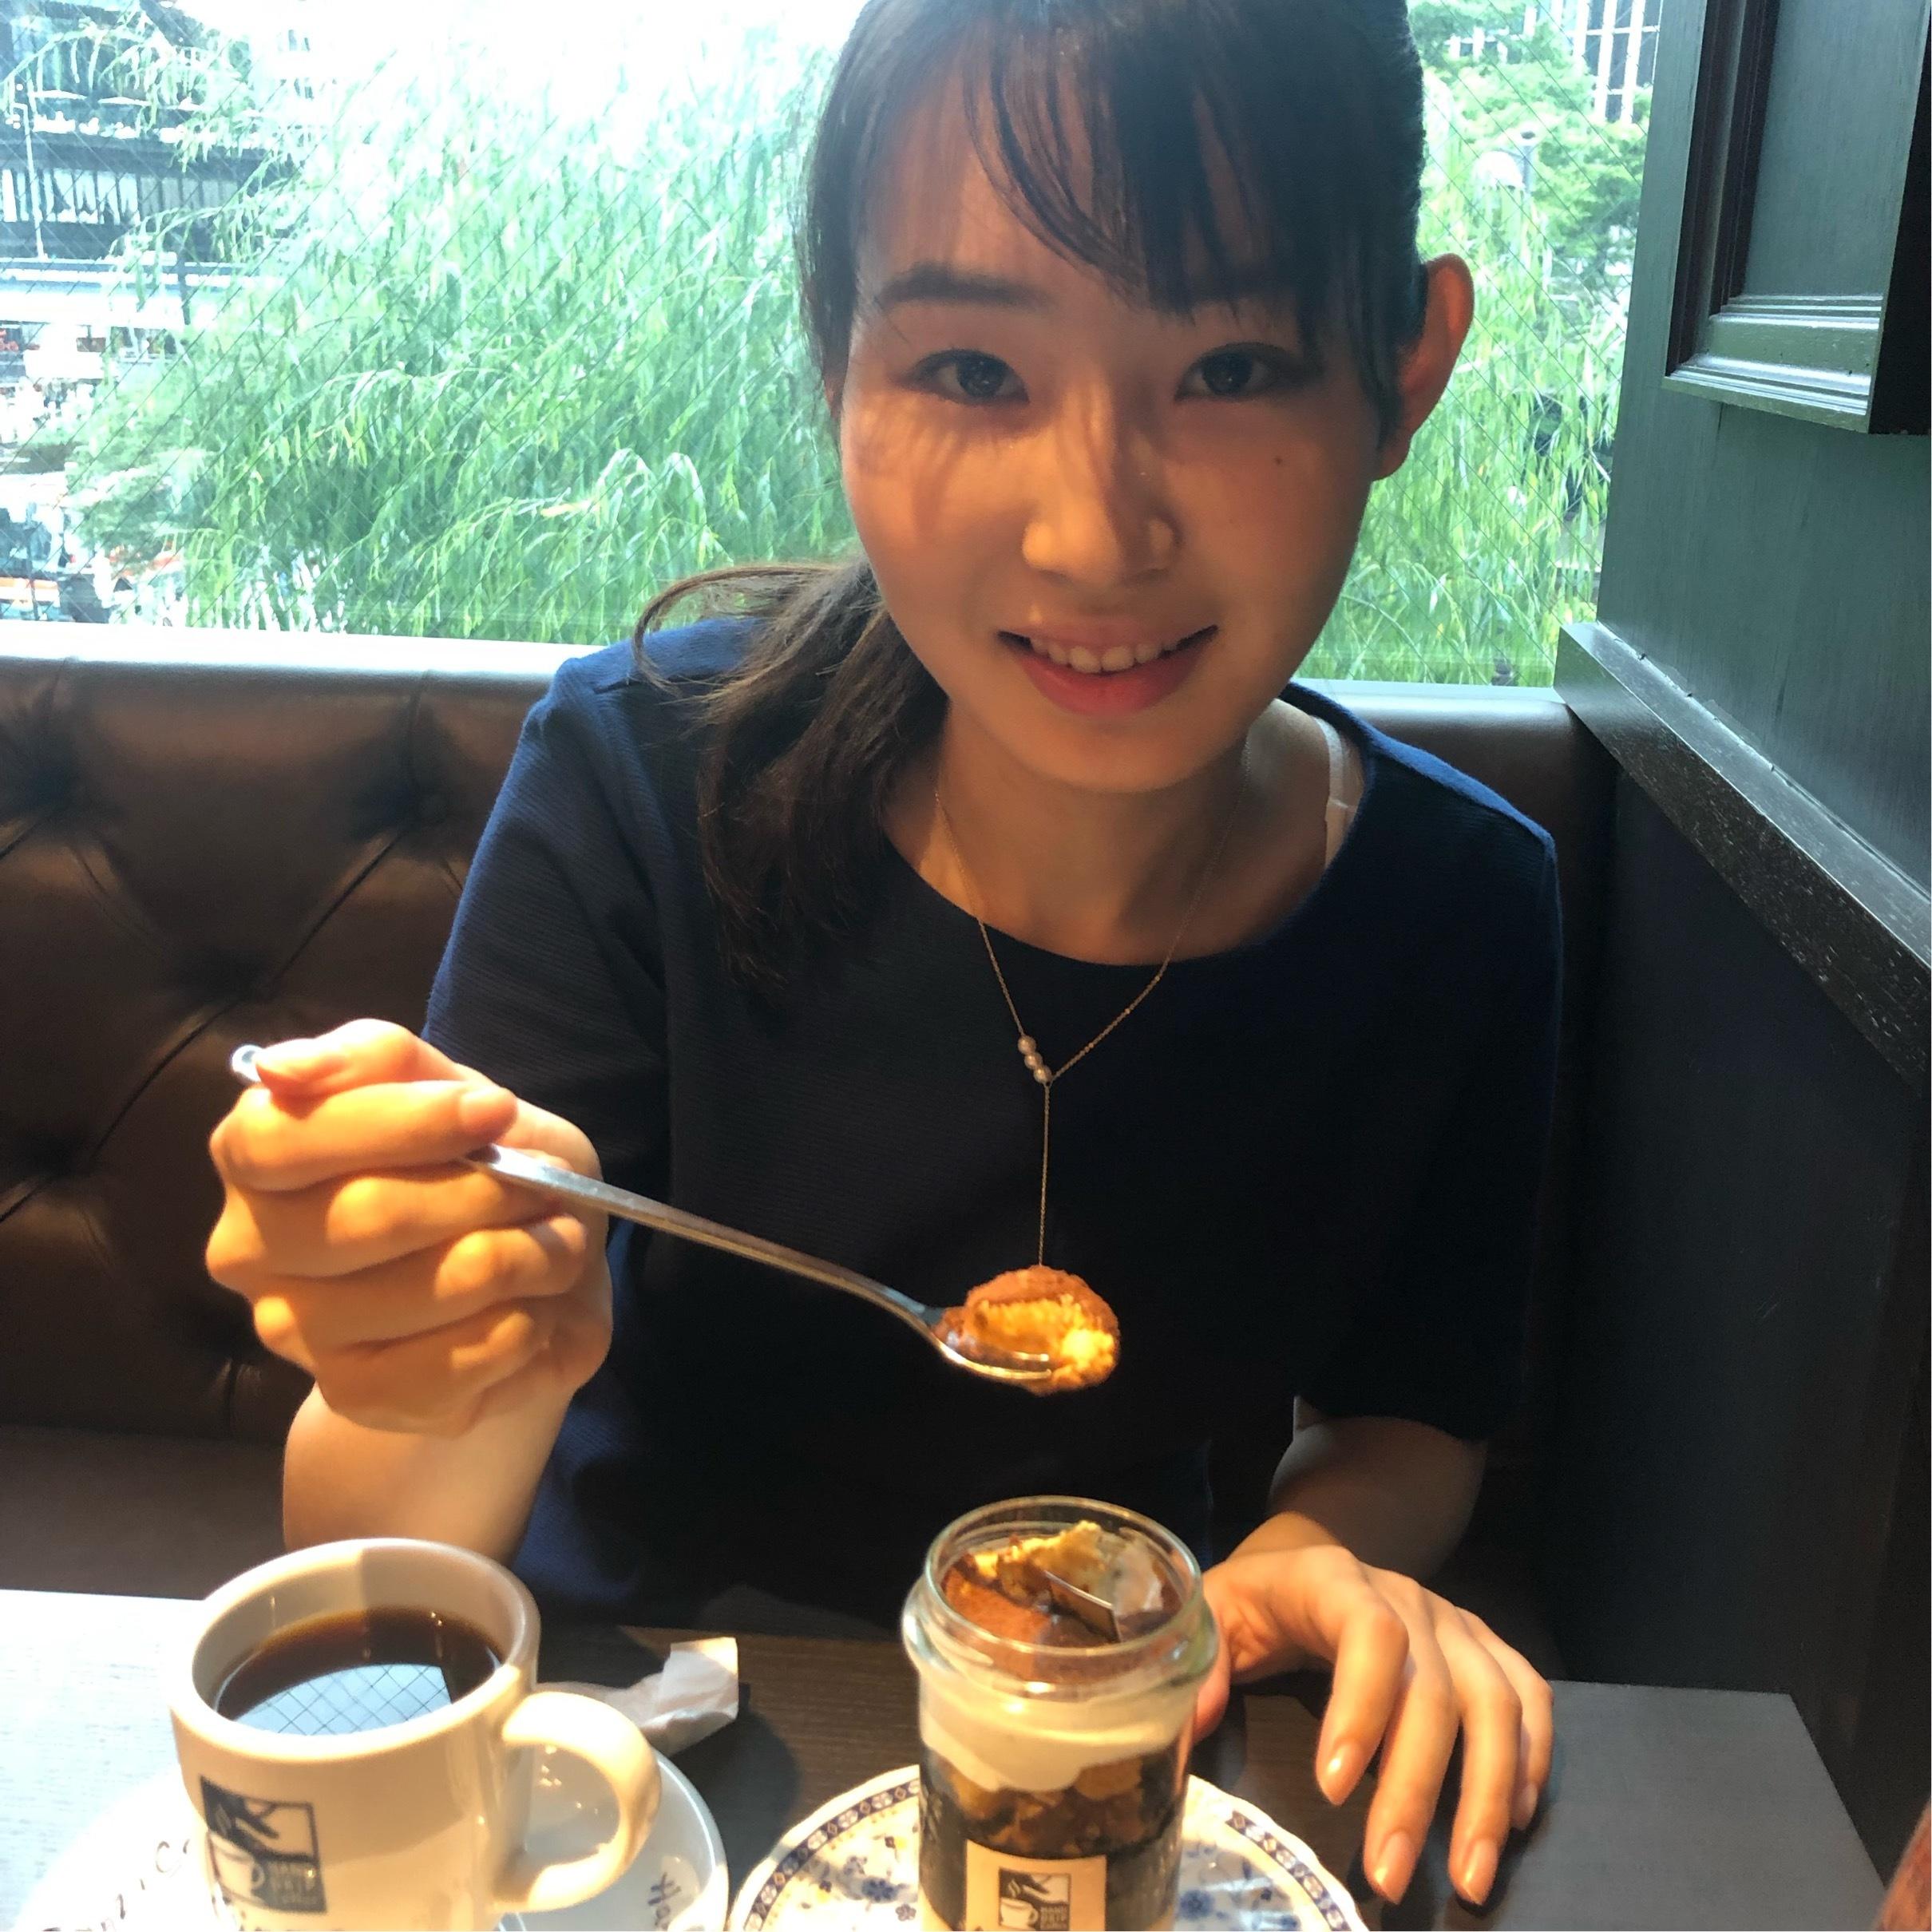 銀座の昔ながらの喫茶店♪【パンケーキ】_1_3-1